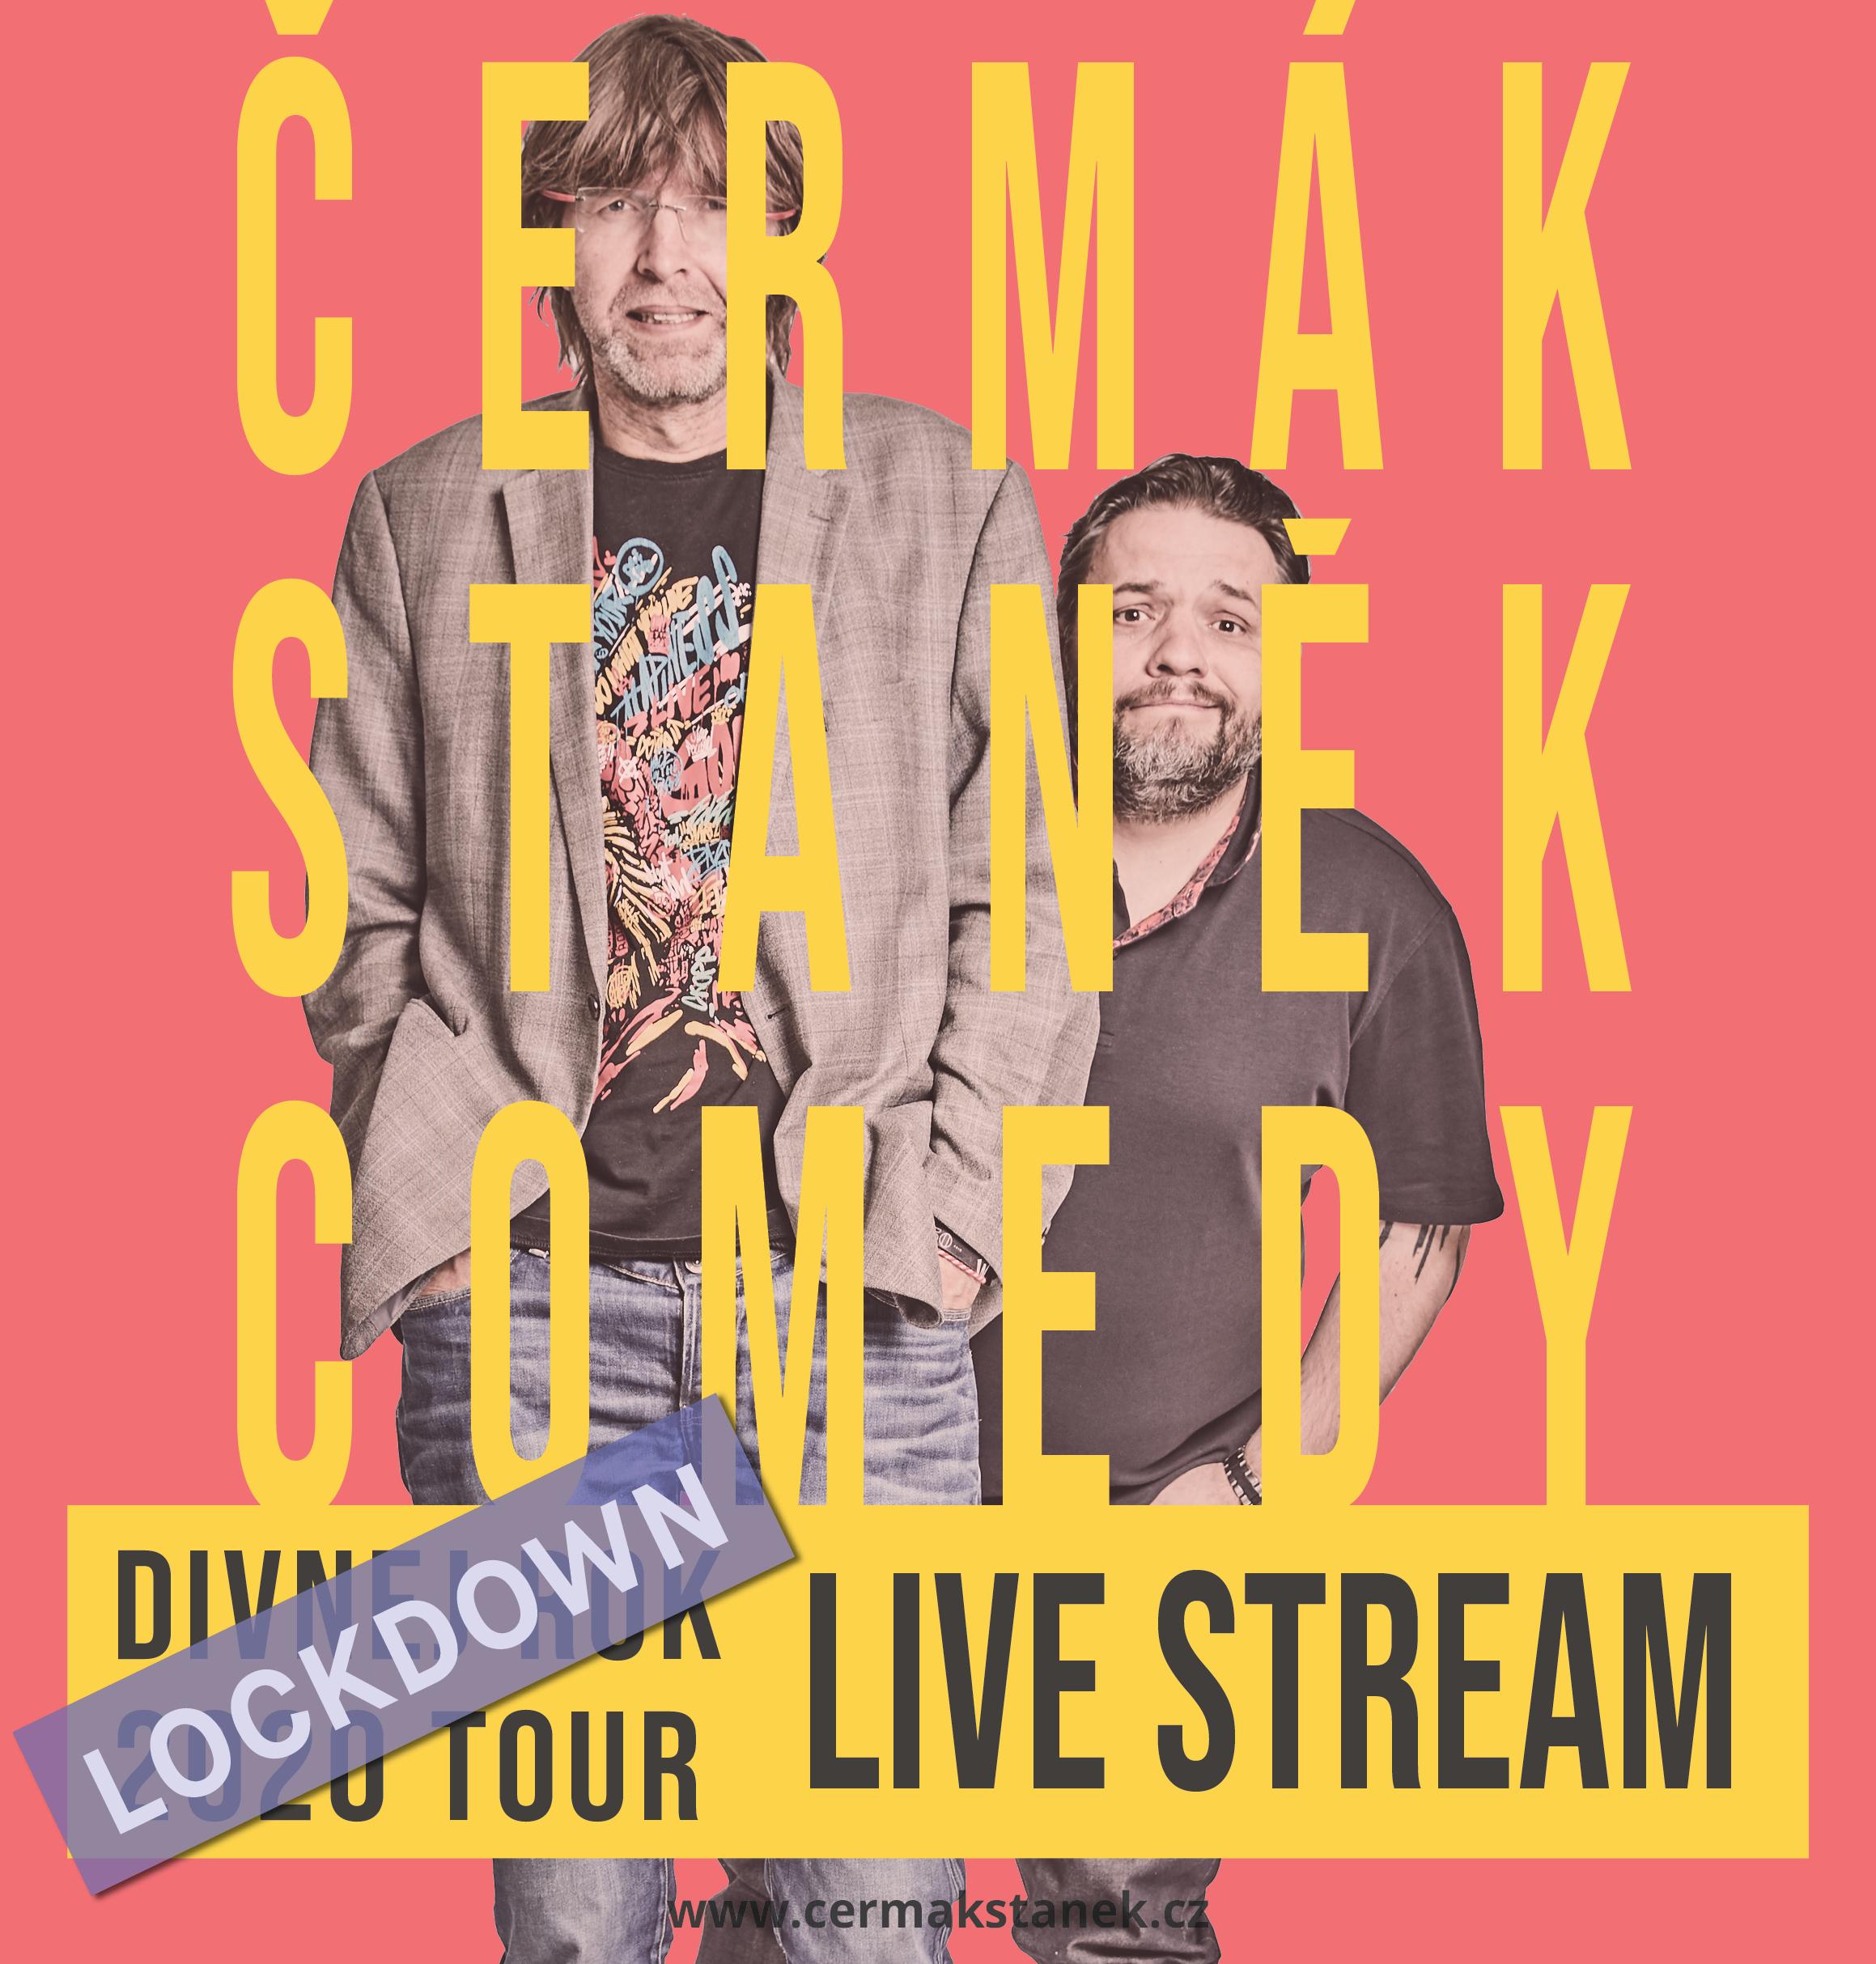 Čermák Staněk Comedy<br>Lockdown Live Stream<br>18.12.2020